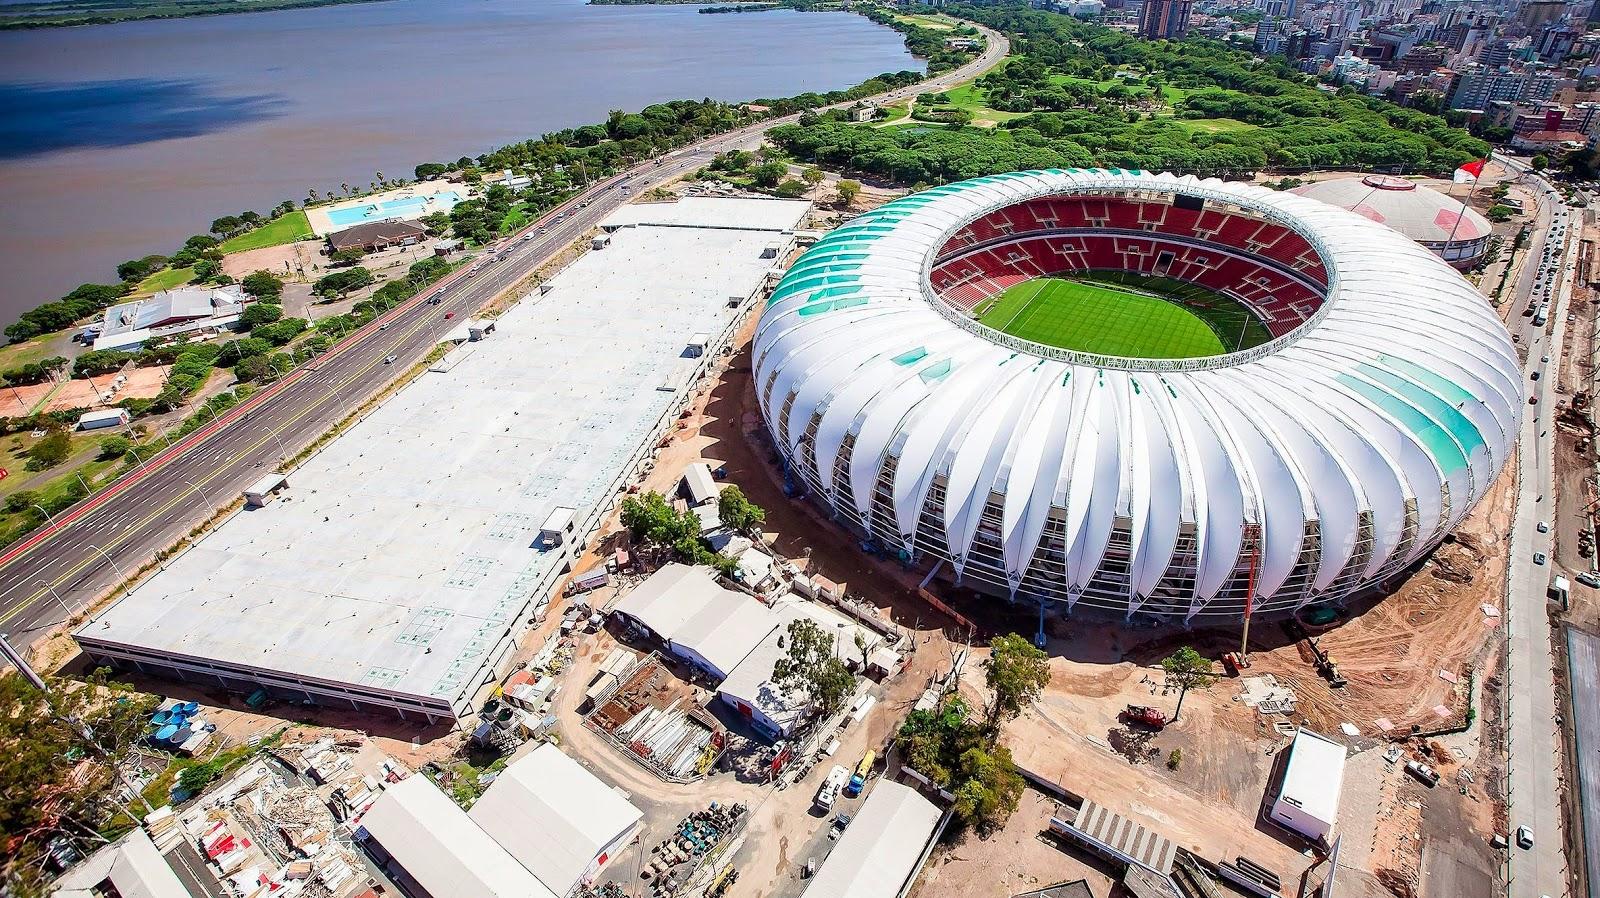 https://4.bp.blogspot.com/-Ou4sO-7zsVk/U6bvVXRaabI/AAAAAAAAZ3M/DWGuoxDncns/s1600/World-Cup-Stadium-Brazil-2014-2369-x-1329-9.jpg